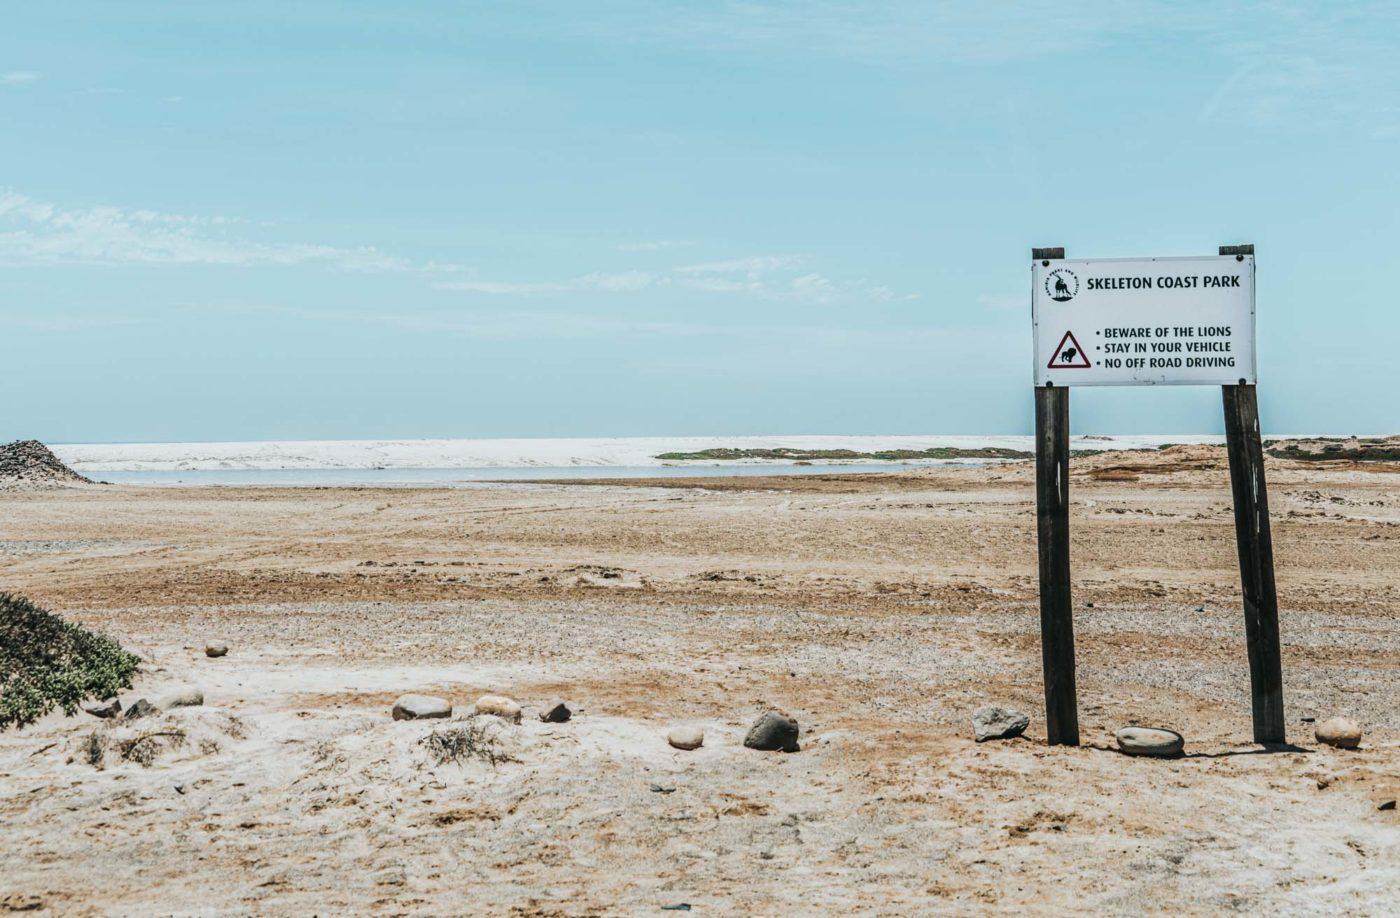 Desert lions sign in Skeleton Coast